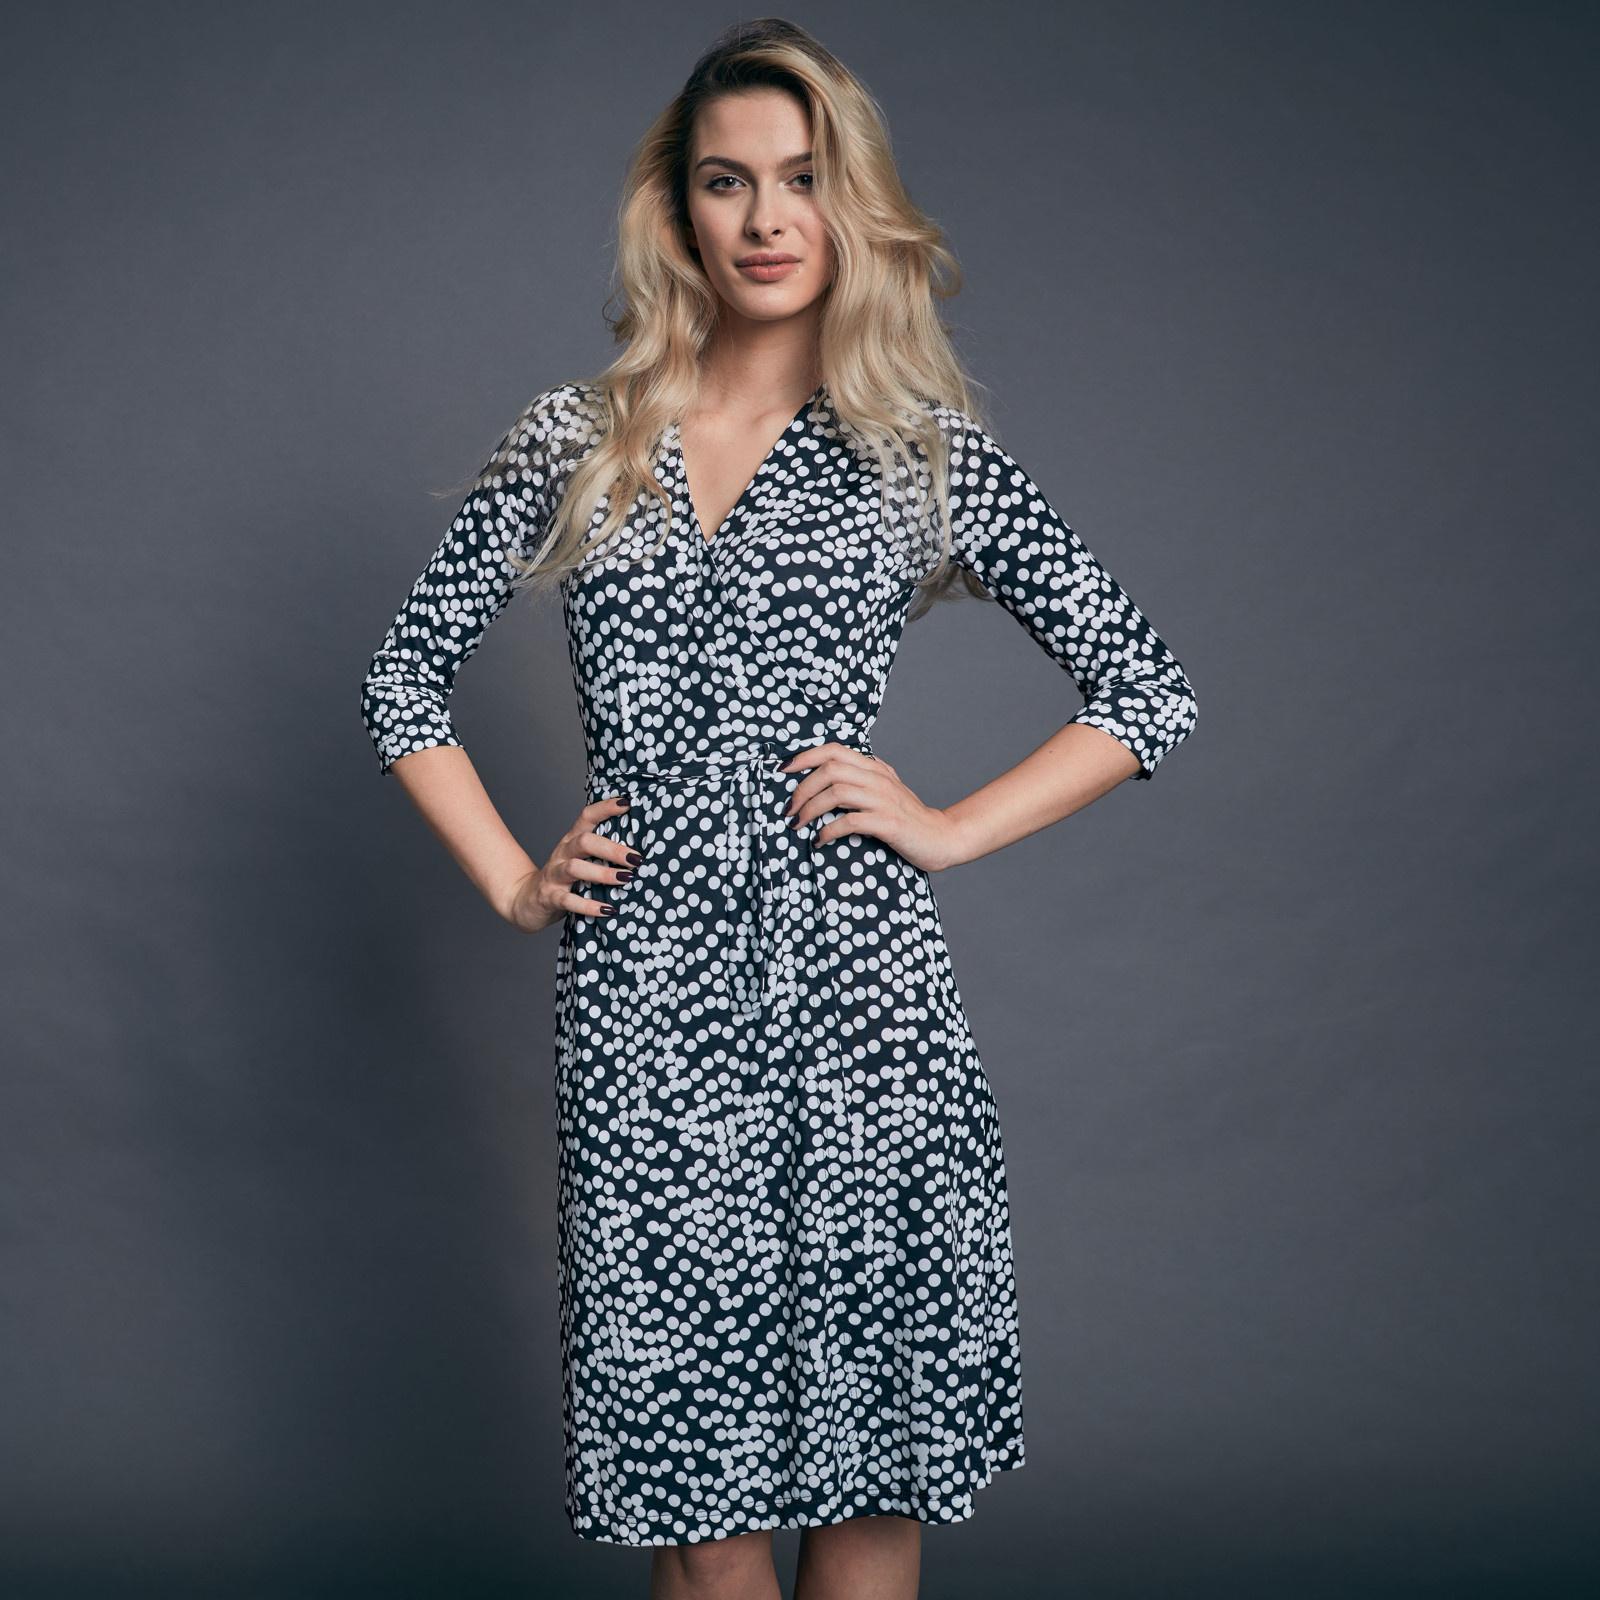 7d4c8a2e723 f w 2018 - Puntíkované zavinovací šaty (puntíkované)   Zboží prodejce  Zuzana Veselá